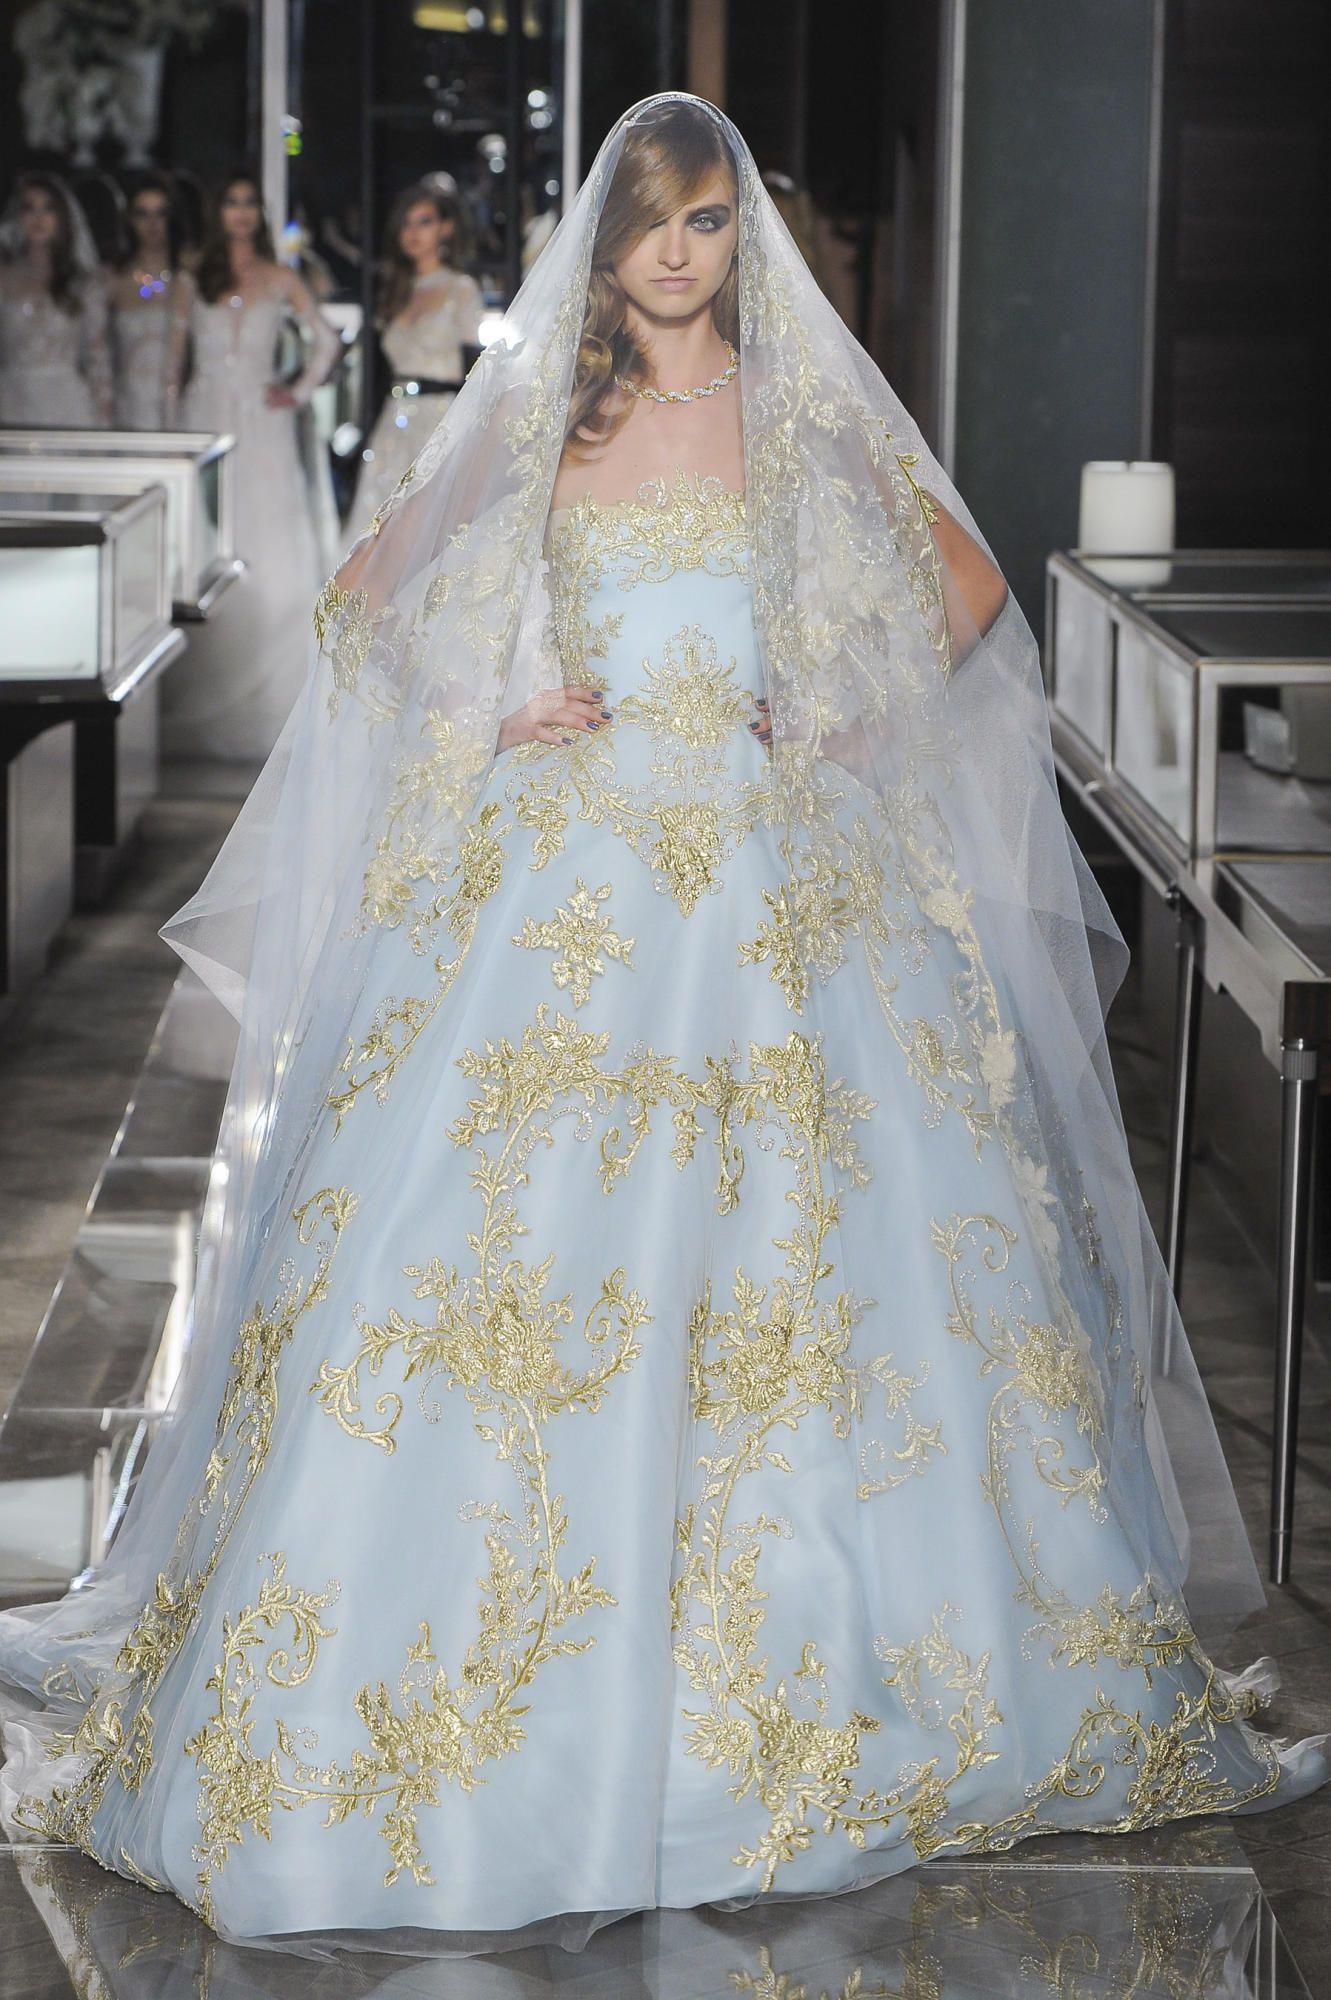 reem-acra-spring-2018-bridal-blue-gown Tendências de vestidos de noiva para 2018